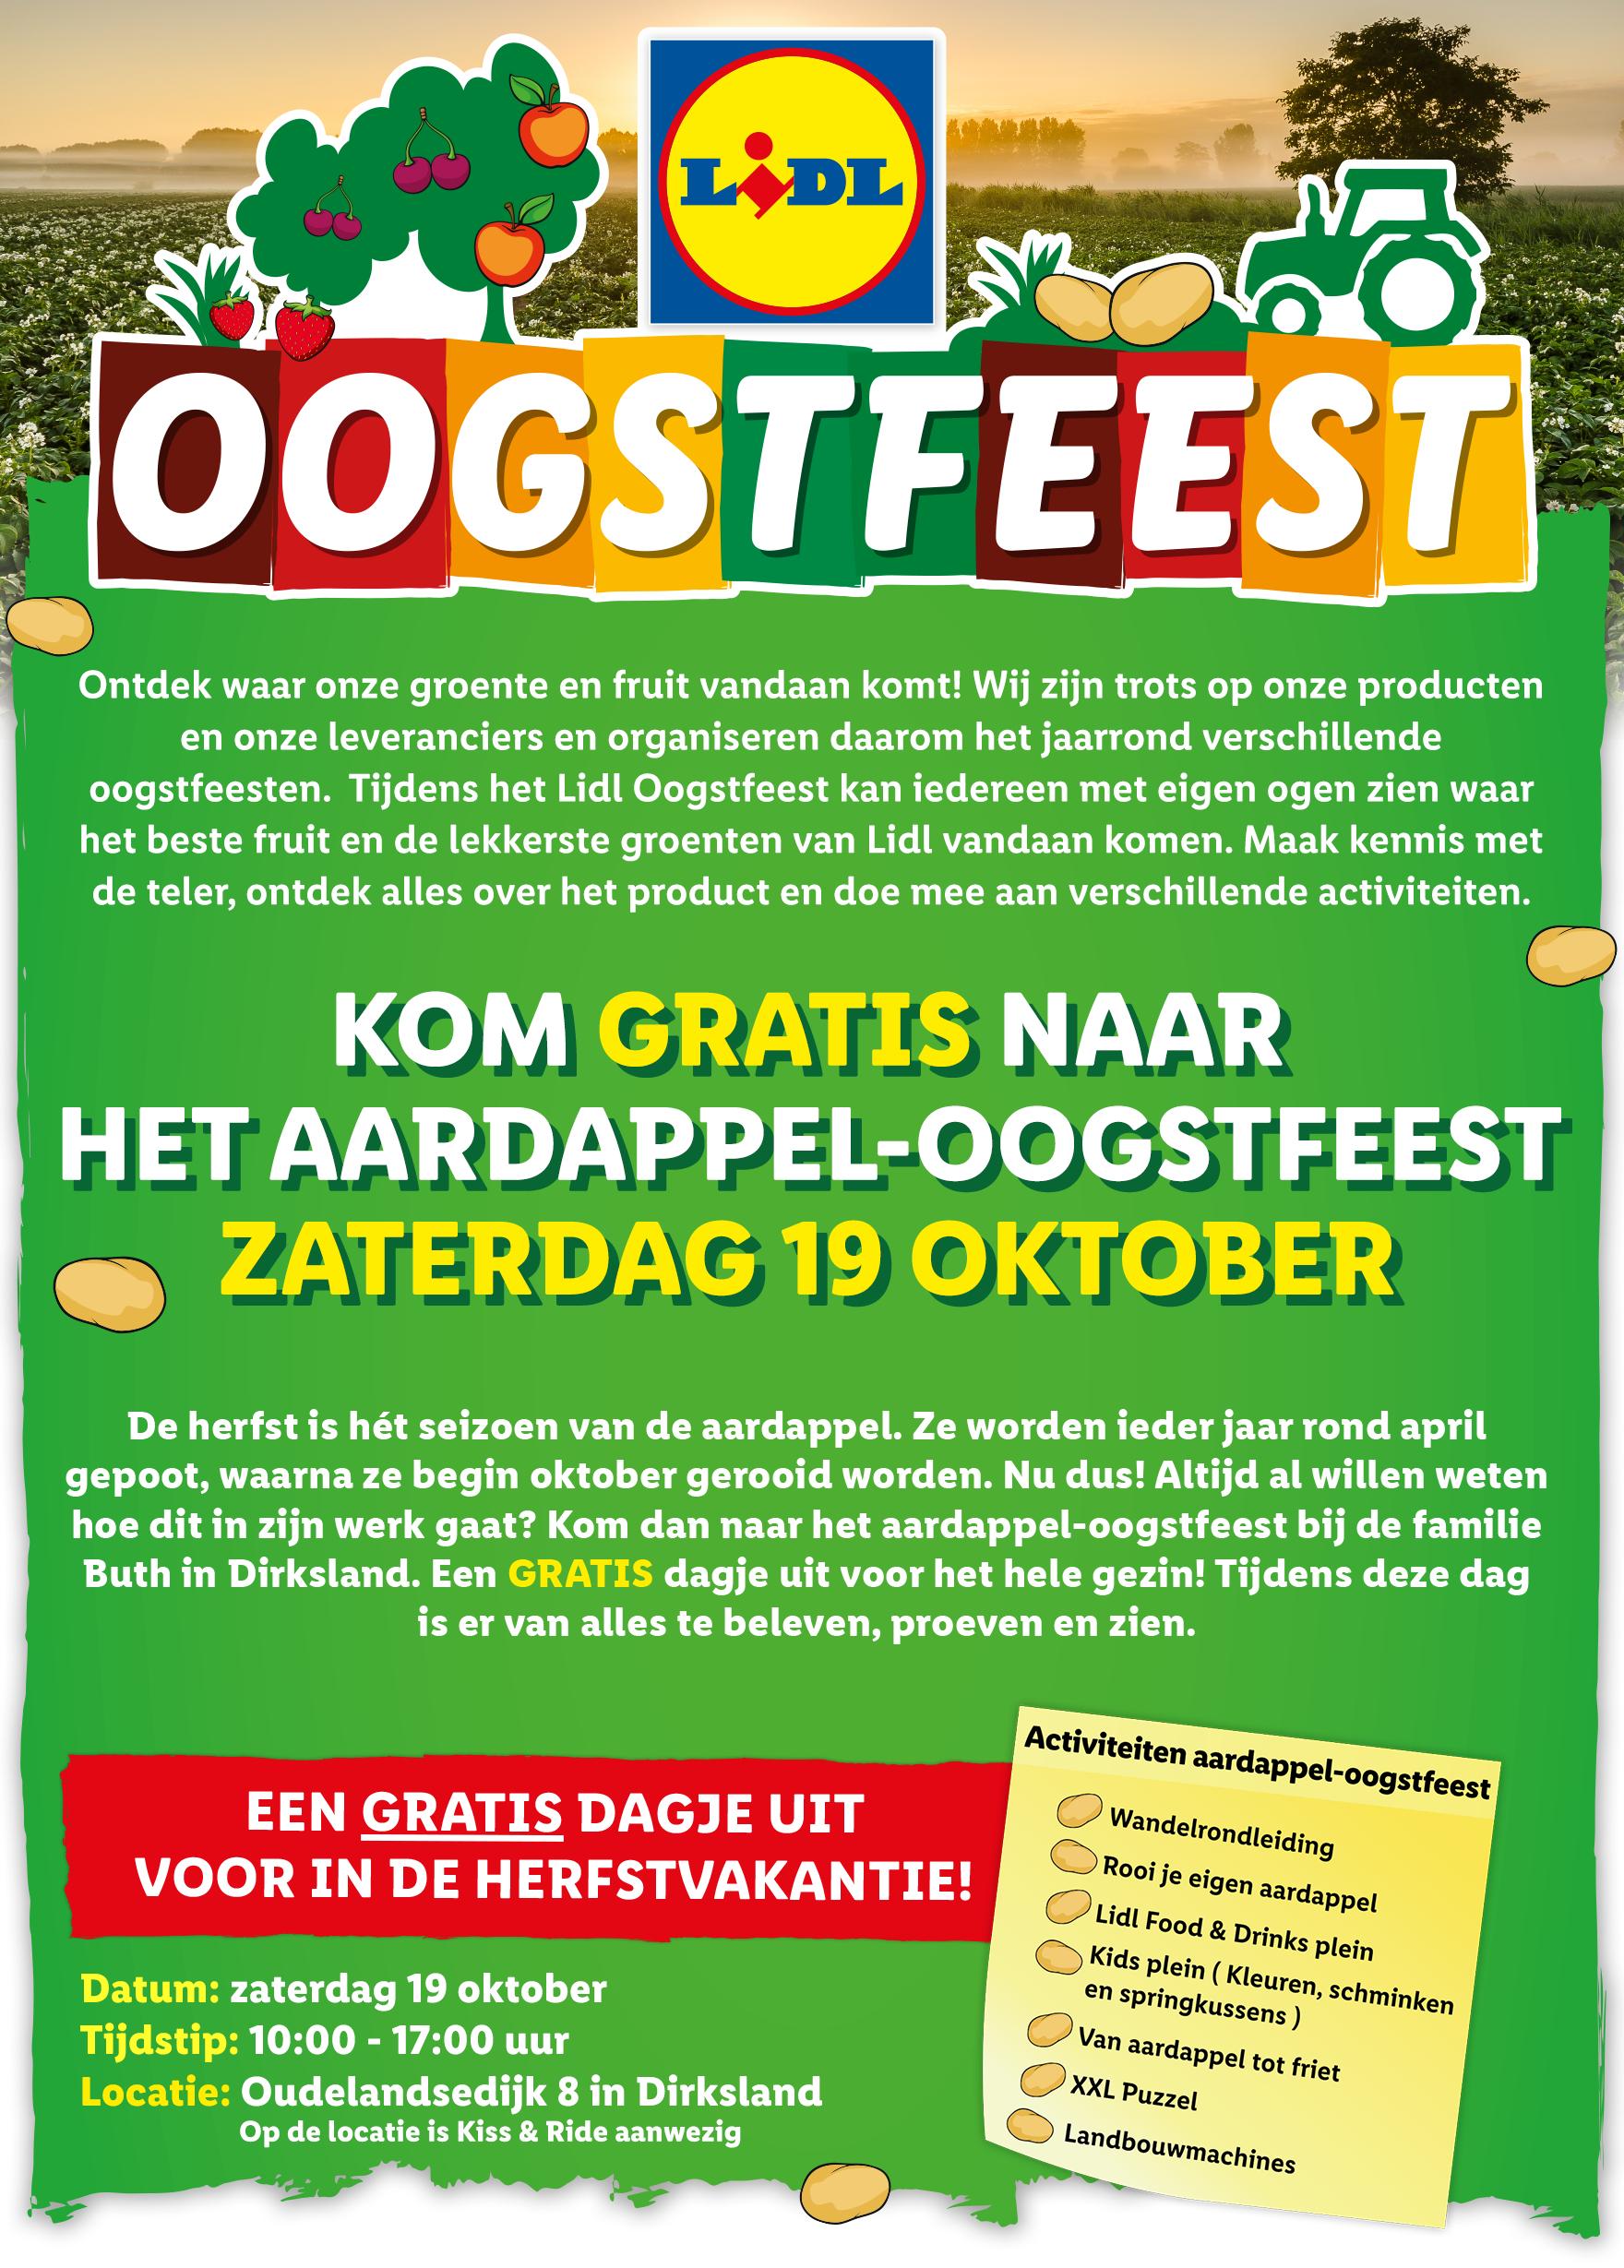 Gratis Evenement: Lidl Aardappel-Oogstfeest